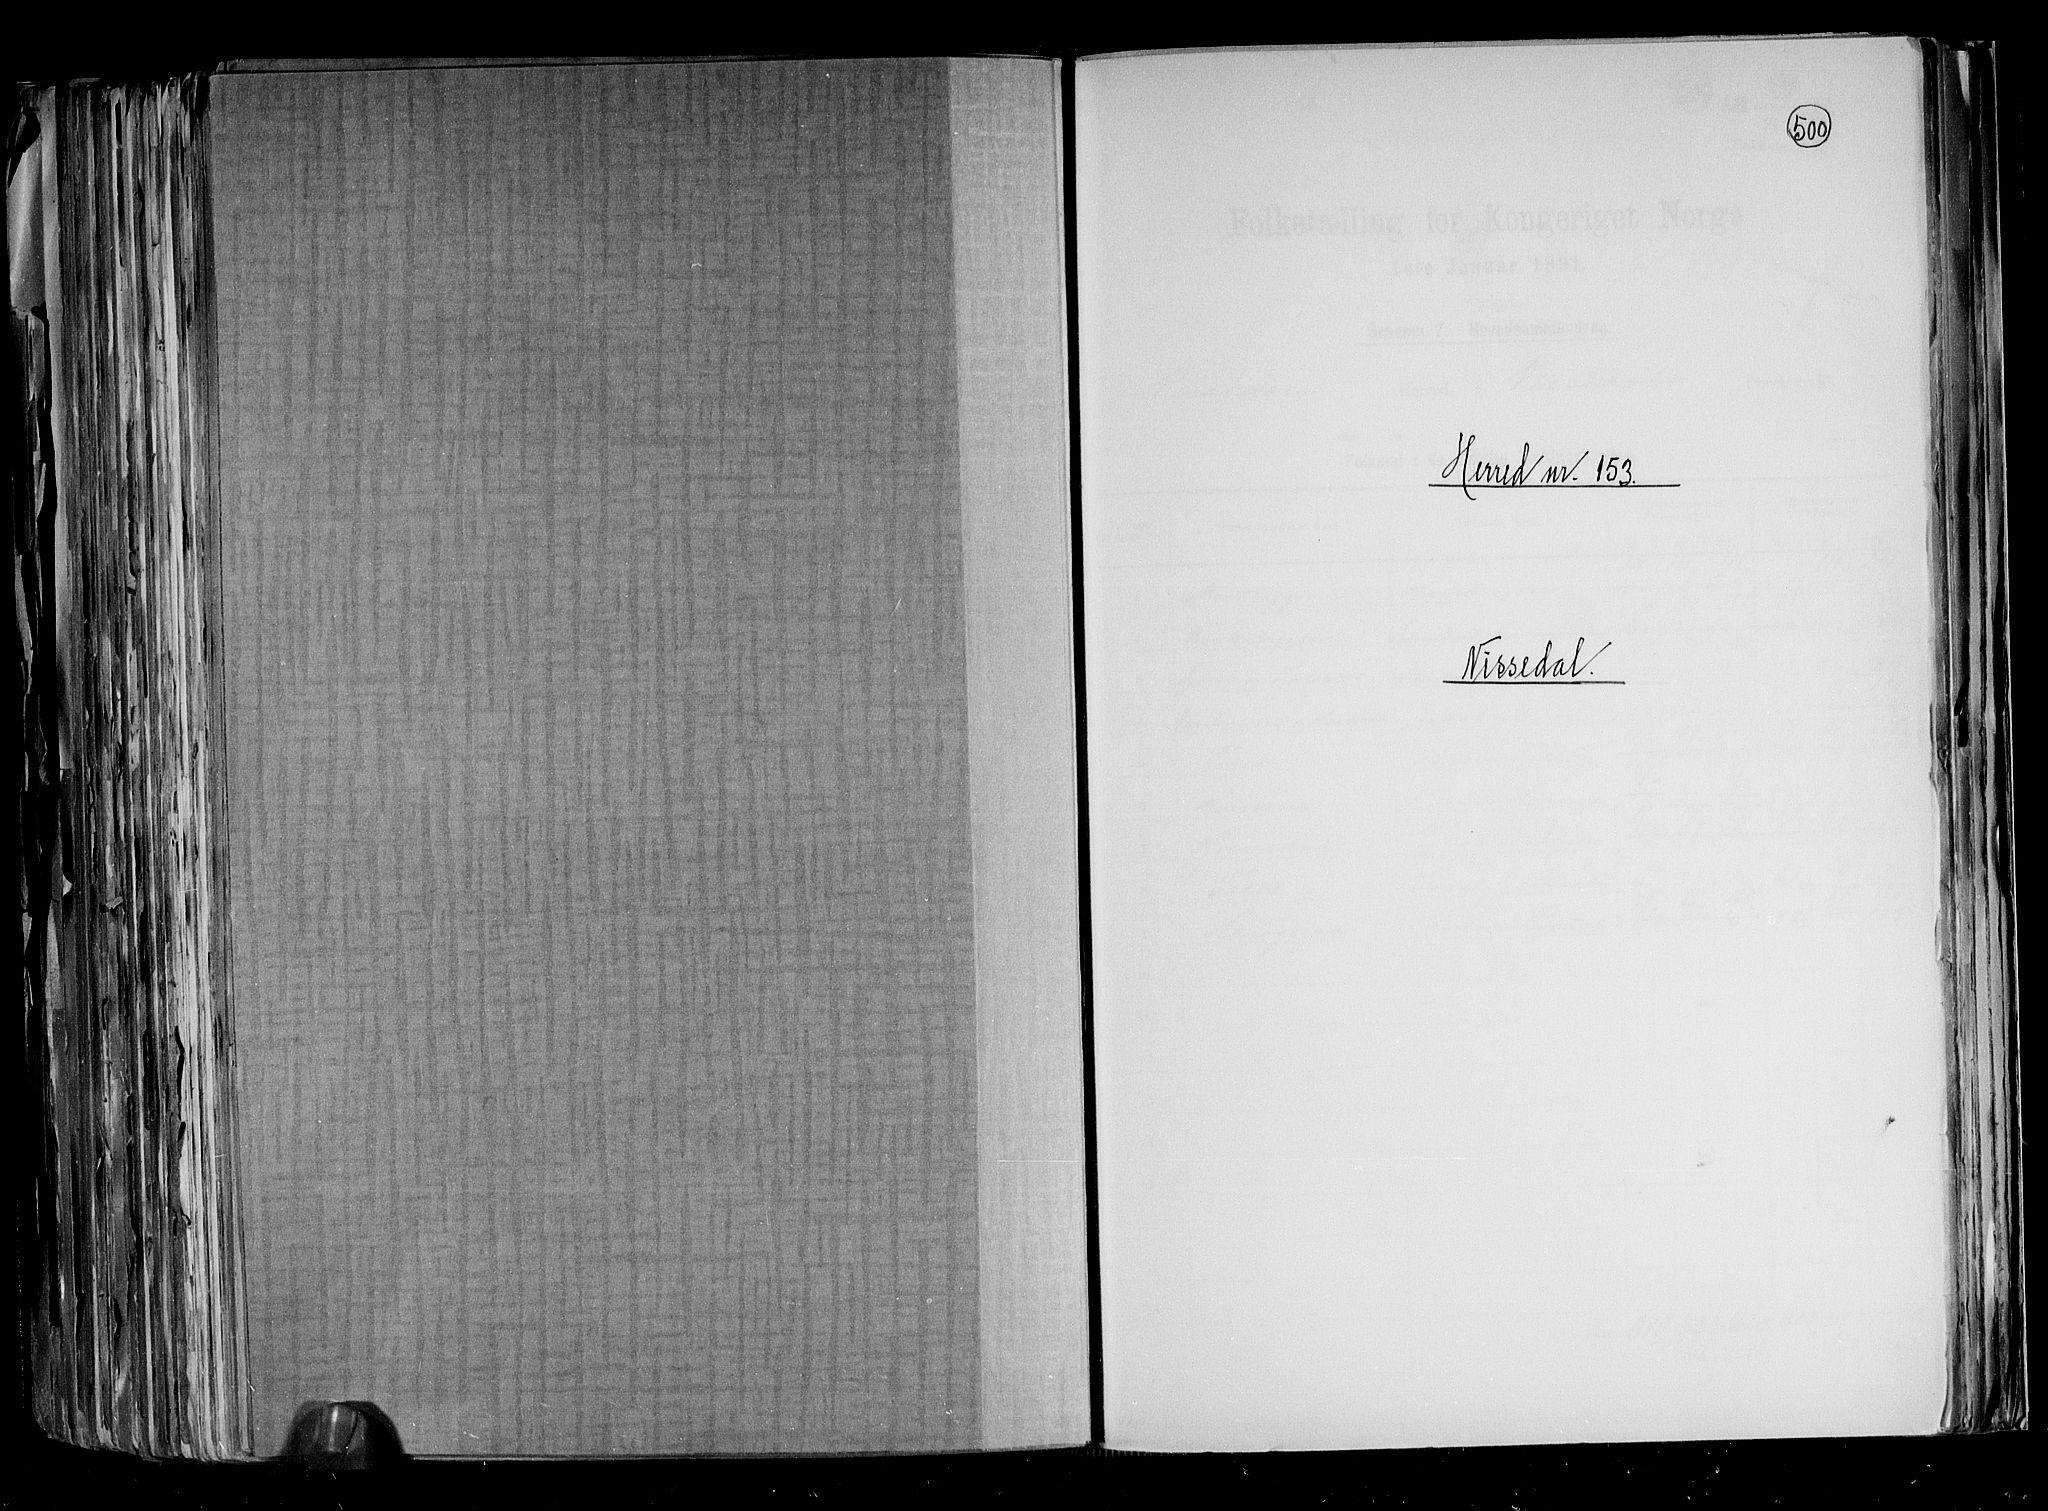 RA, Folketelling 1891 for 0830 Nissedal herred, 1891, s. 1